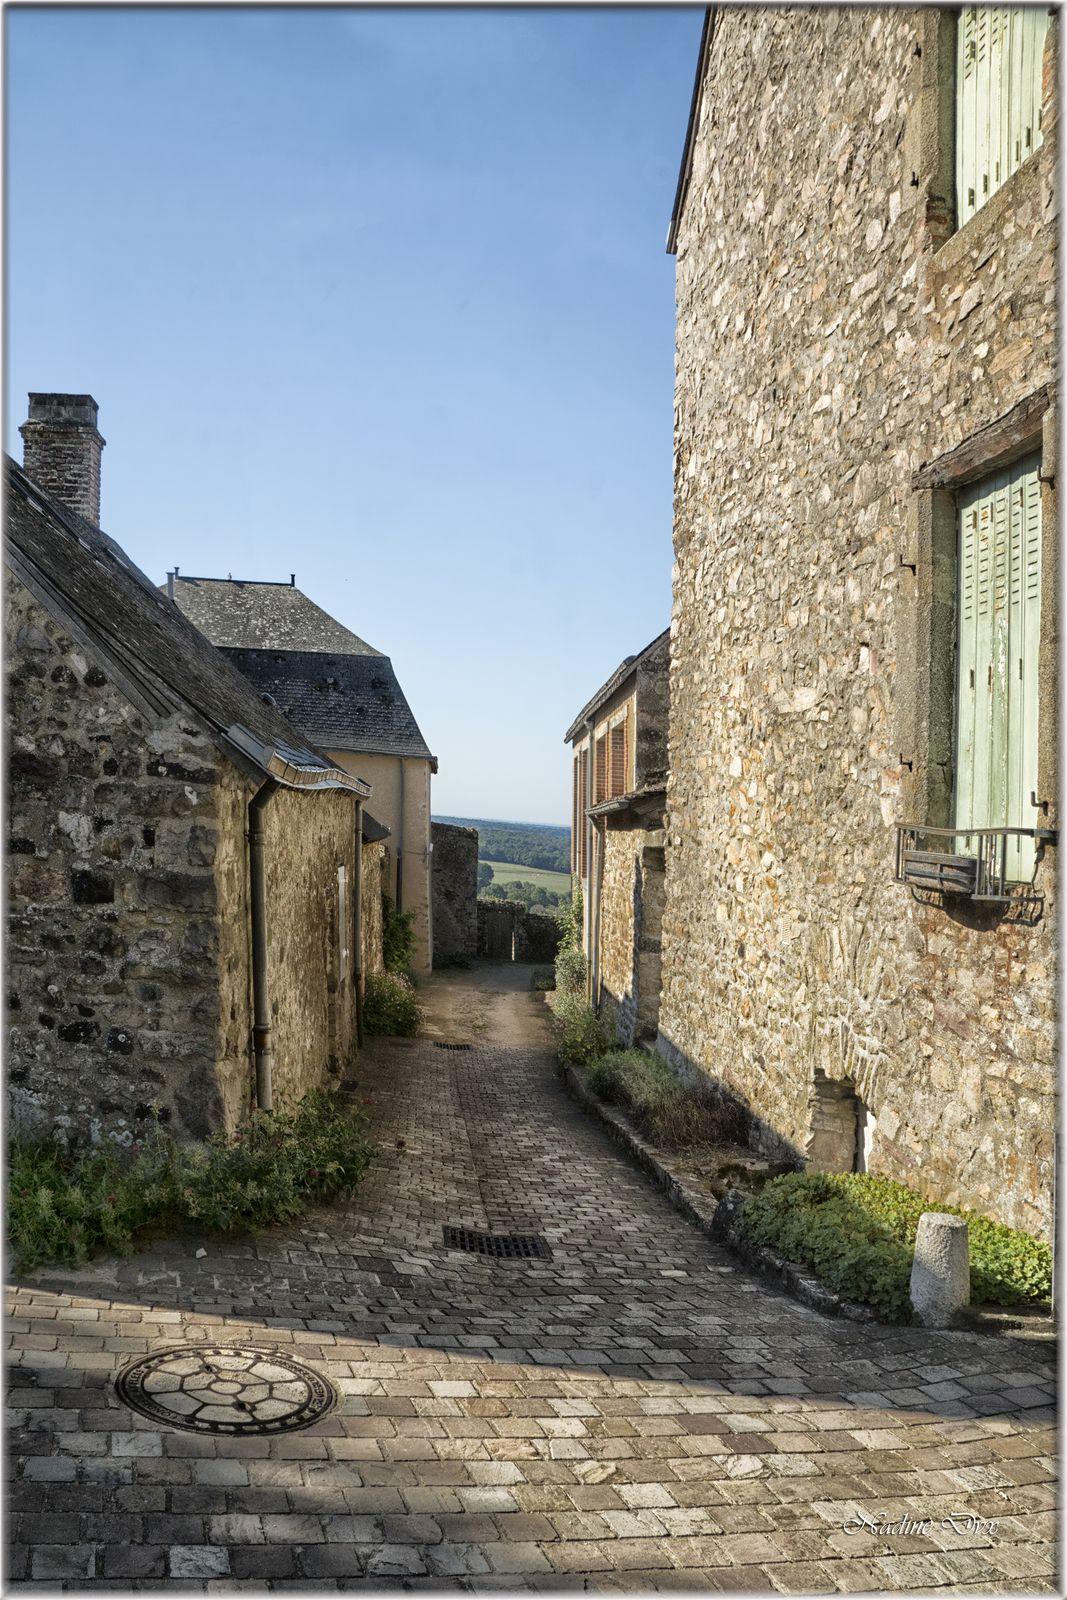 53 - Cité médiévale de Sainte-Suzanne - Mayenne